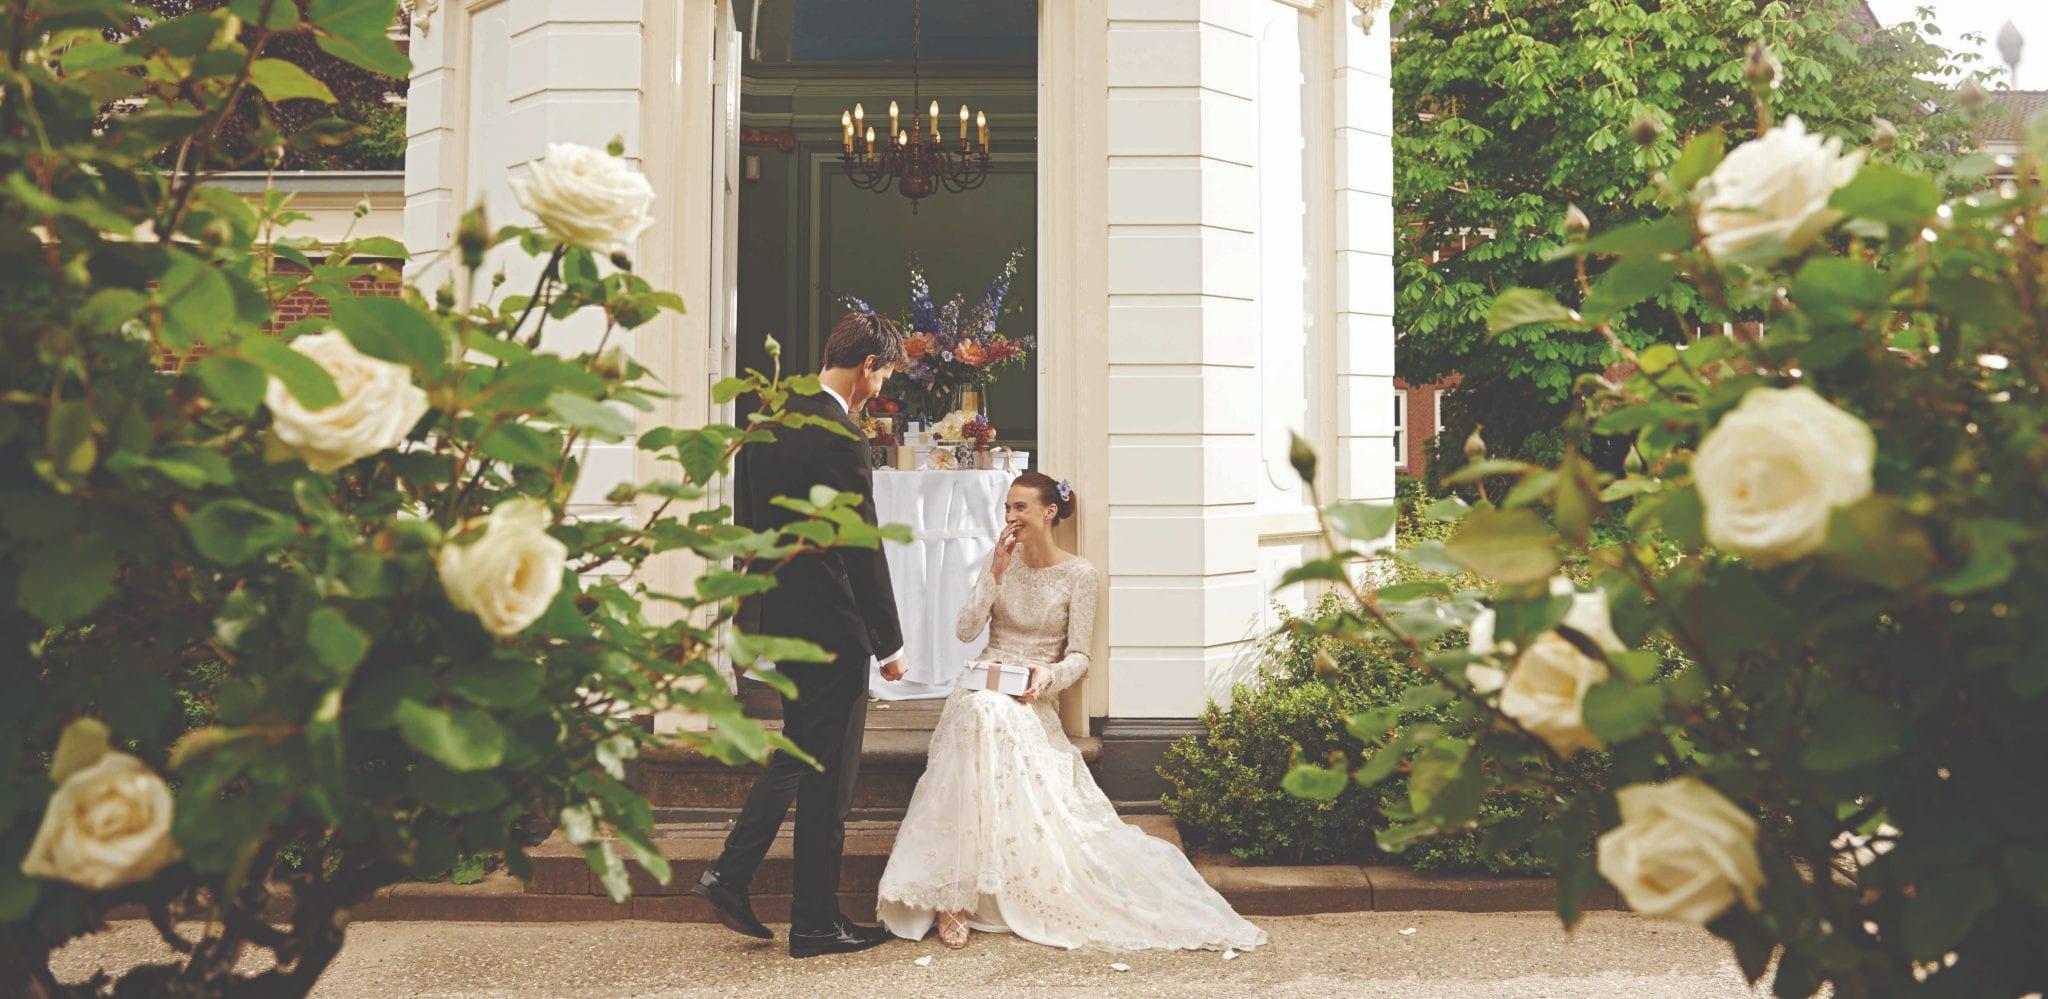 Destination Wedding at Waldorf Astoria Amsterdam